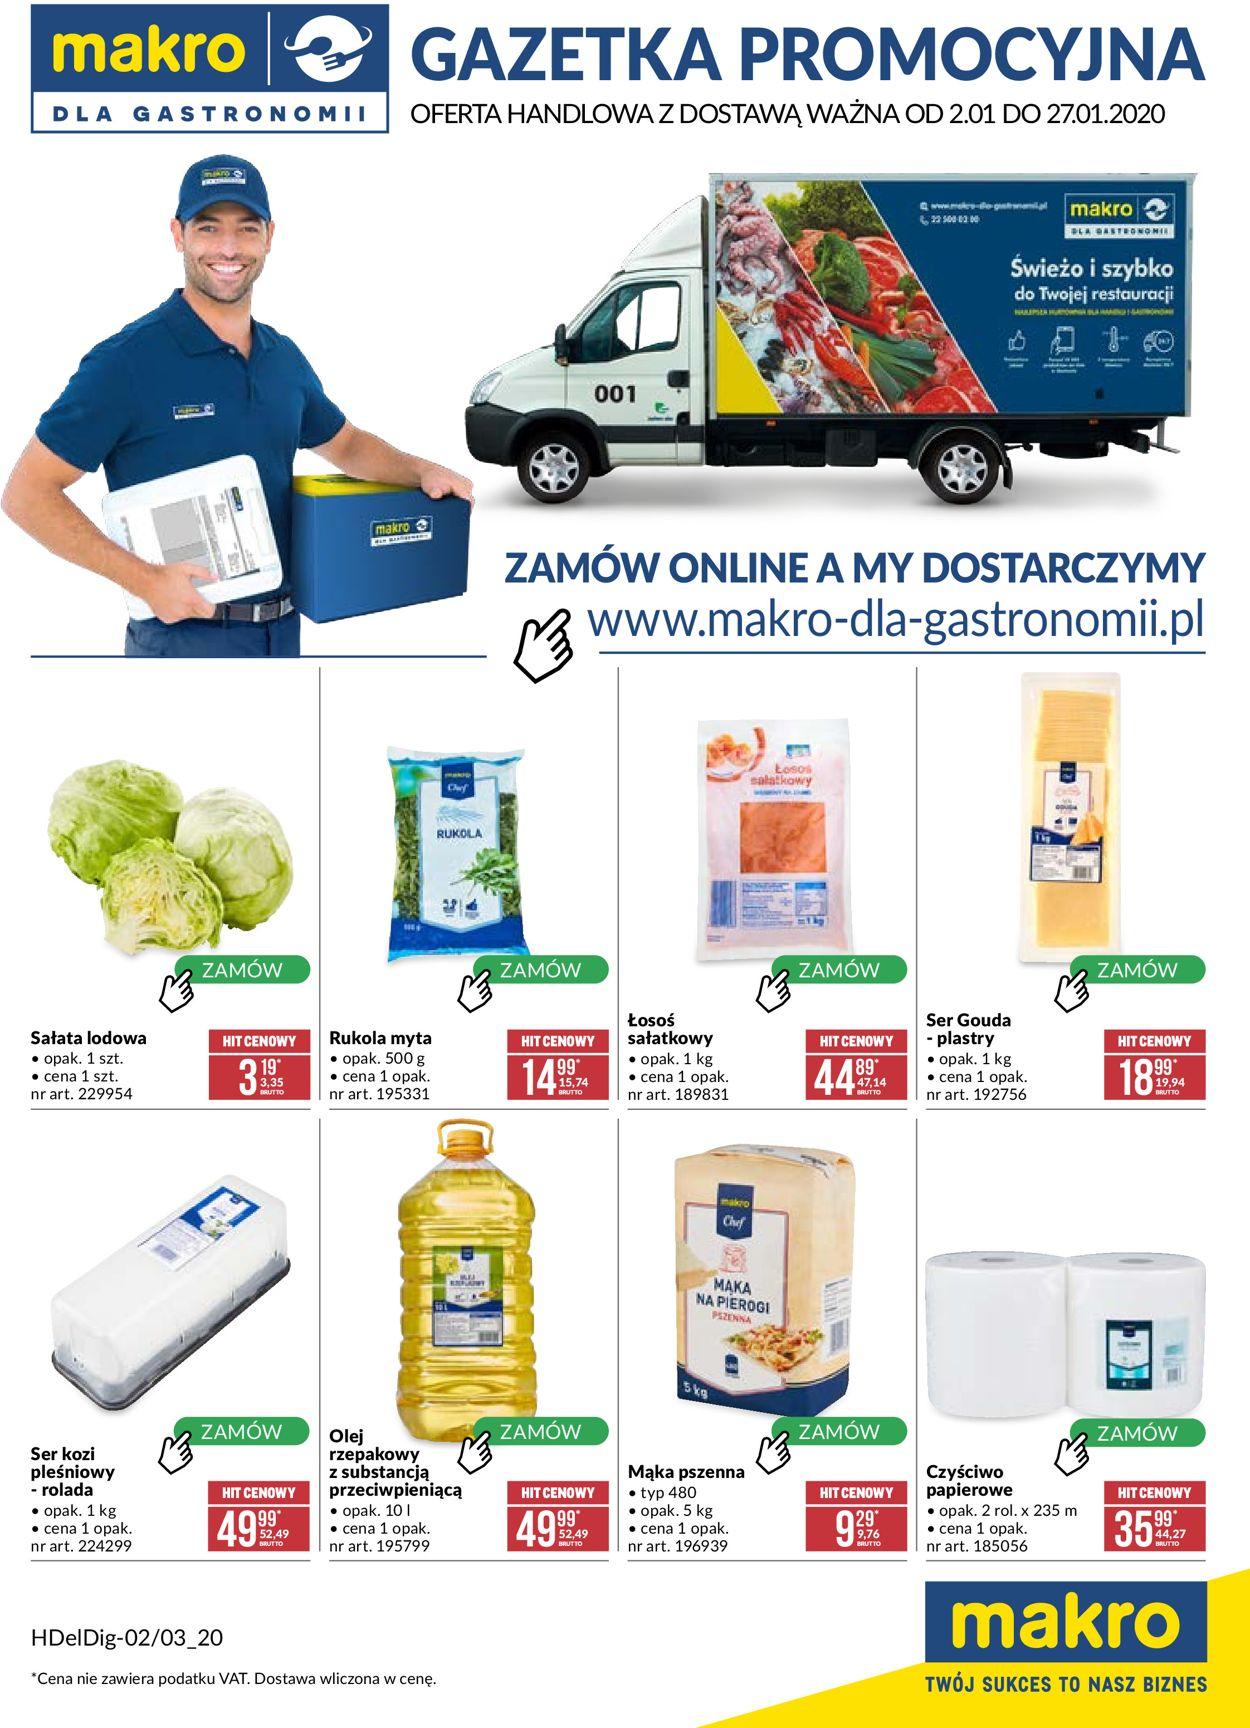 Gazetka promocyjna Makro - 02.01-27.01.2020